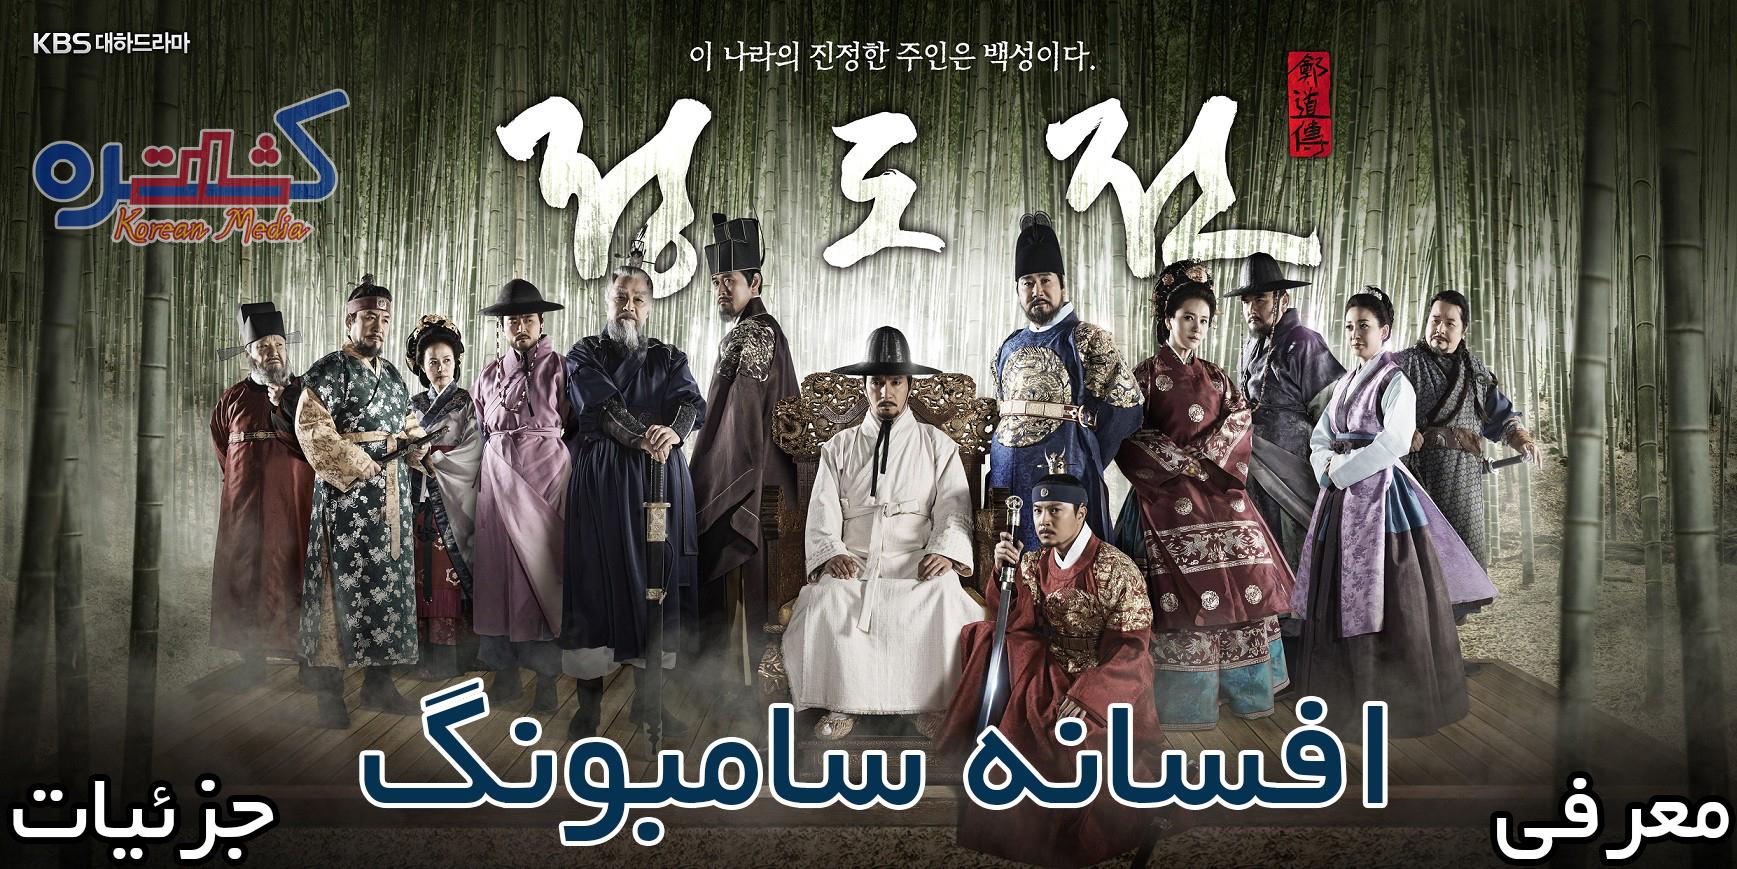 معرفی و جزئیات سریال جدید و کره ای افسانه سامبونگ